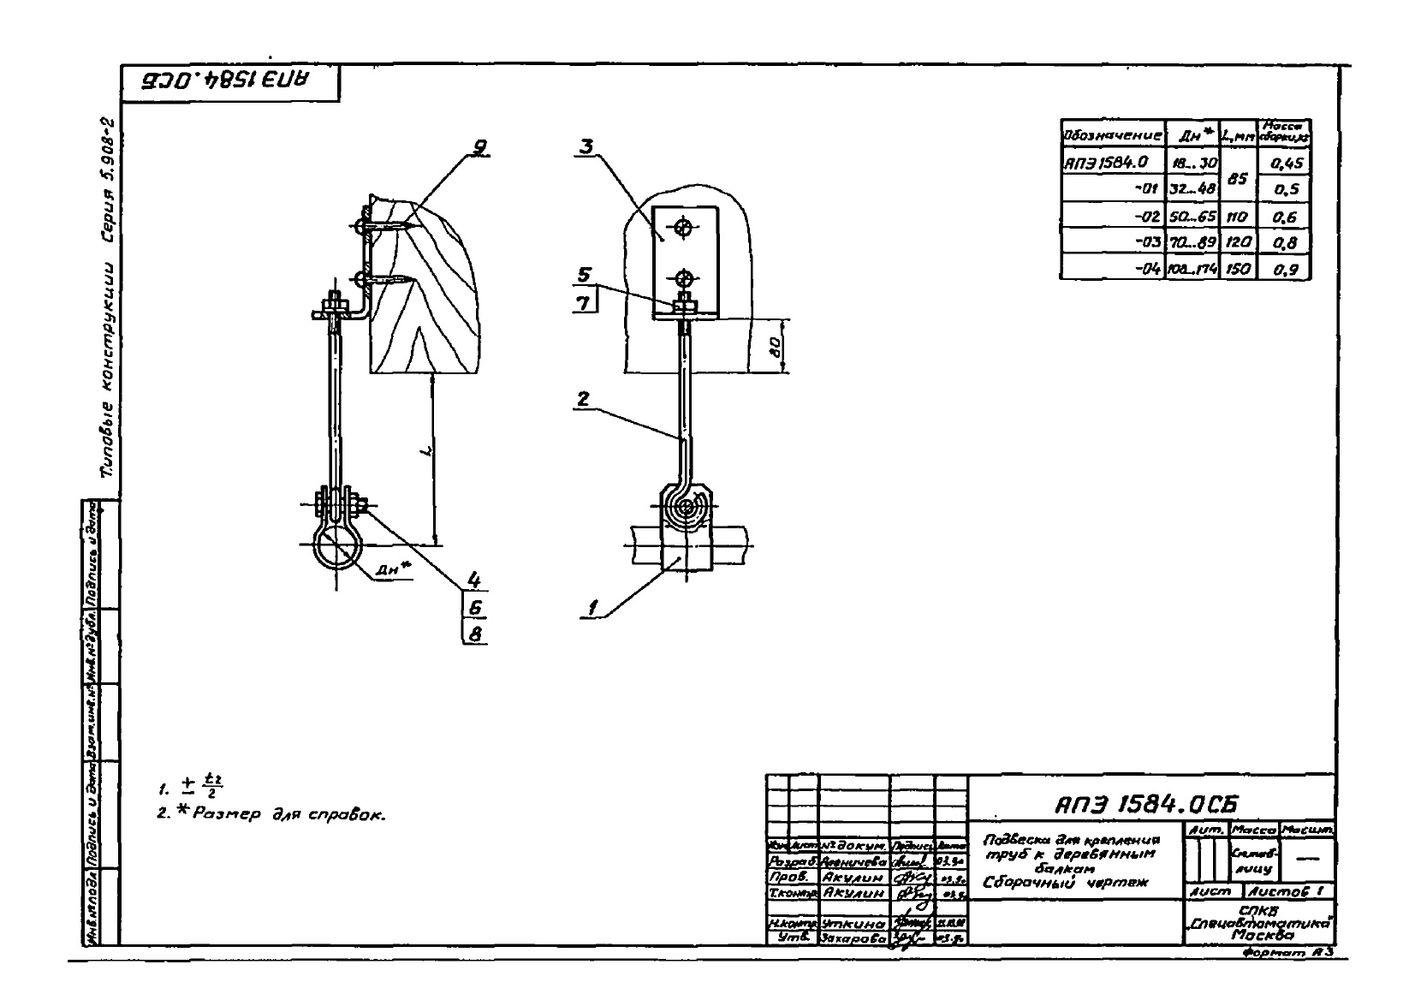 Подвеска АПЭ 1584.0 серия 5.908-2 стр.1